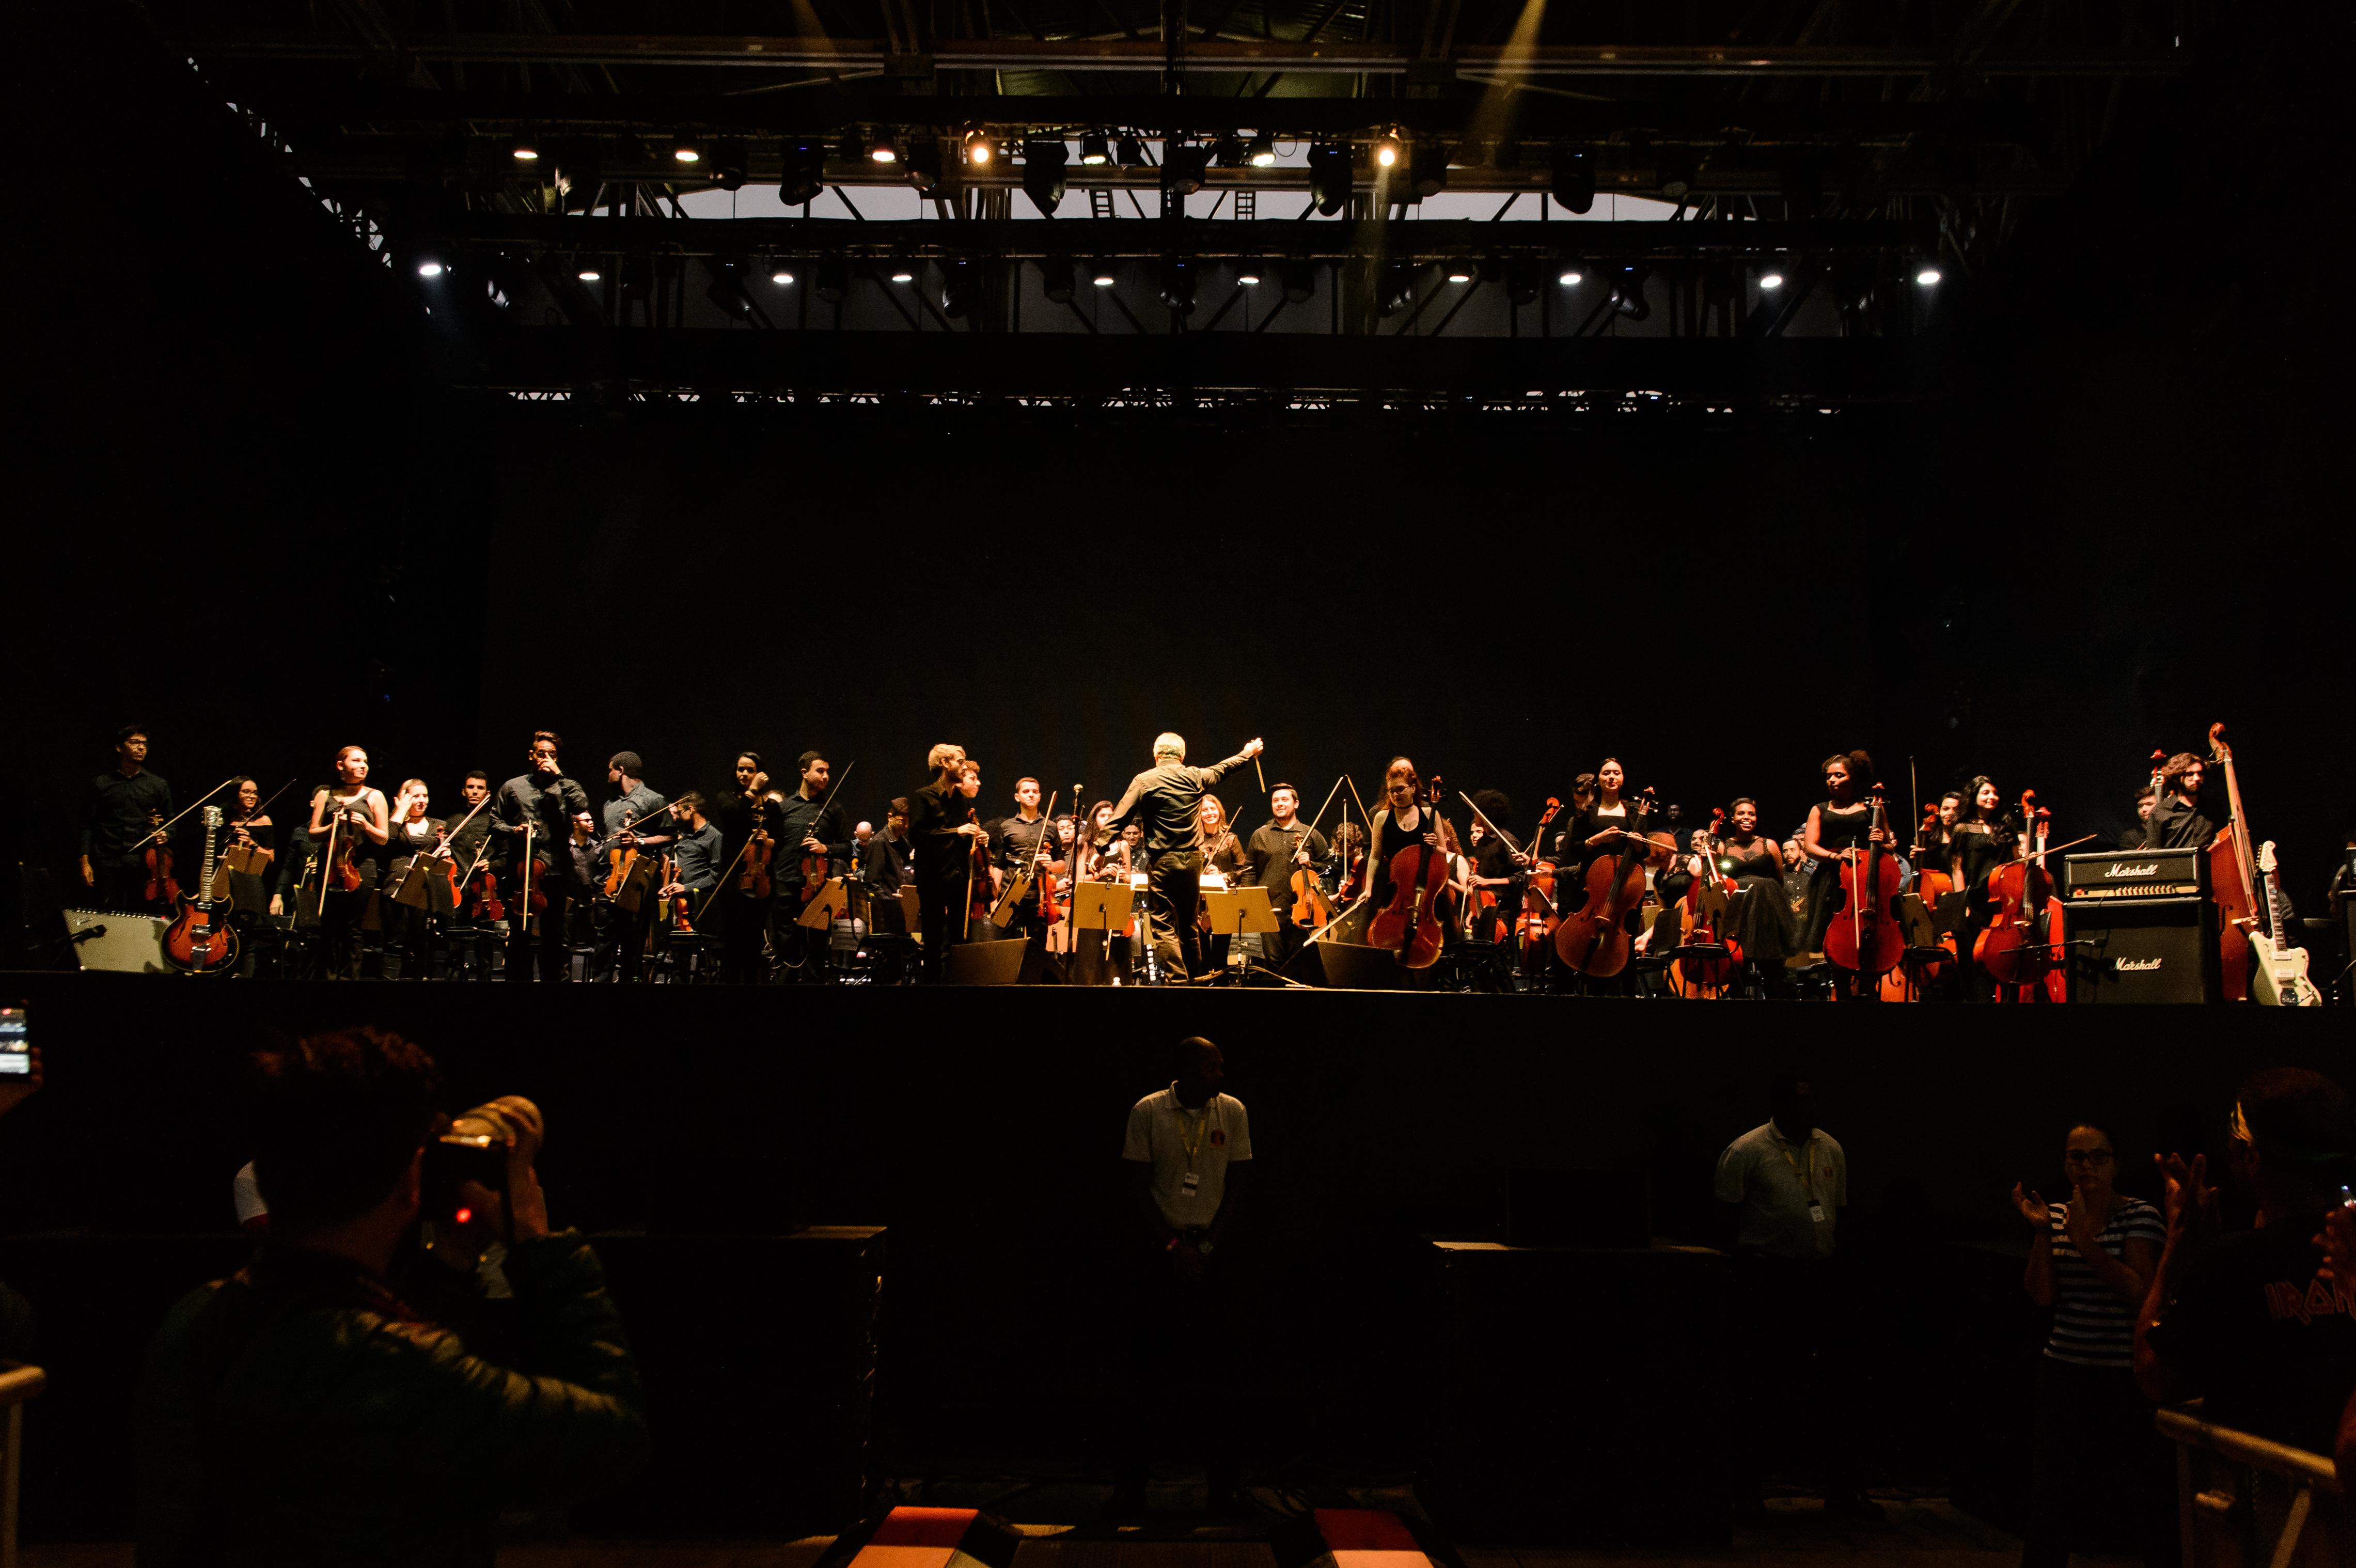 Orquestra Juvenil de Heliopolis - crédito divulgação